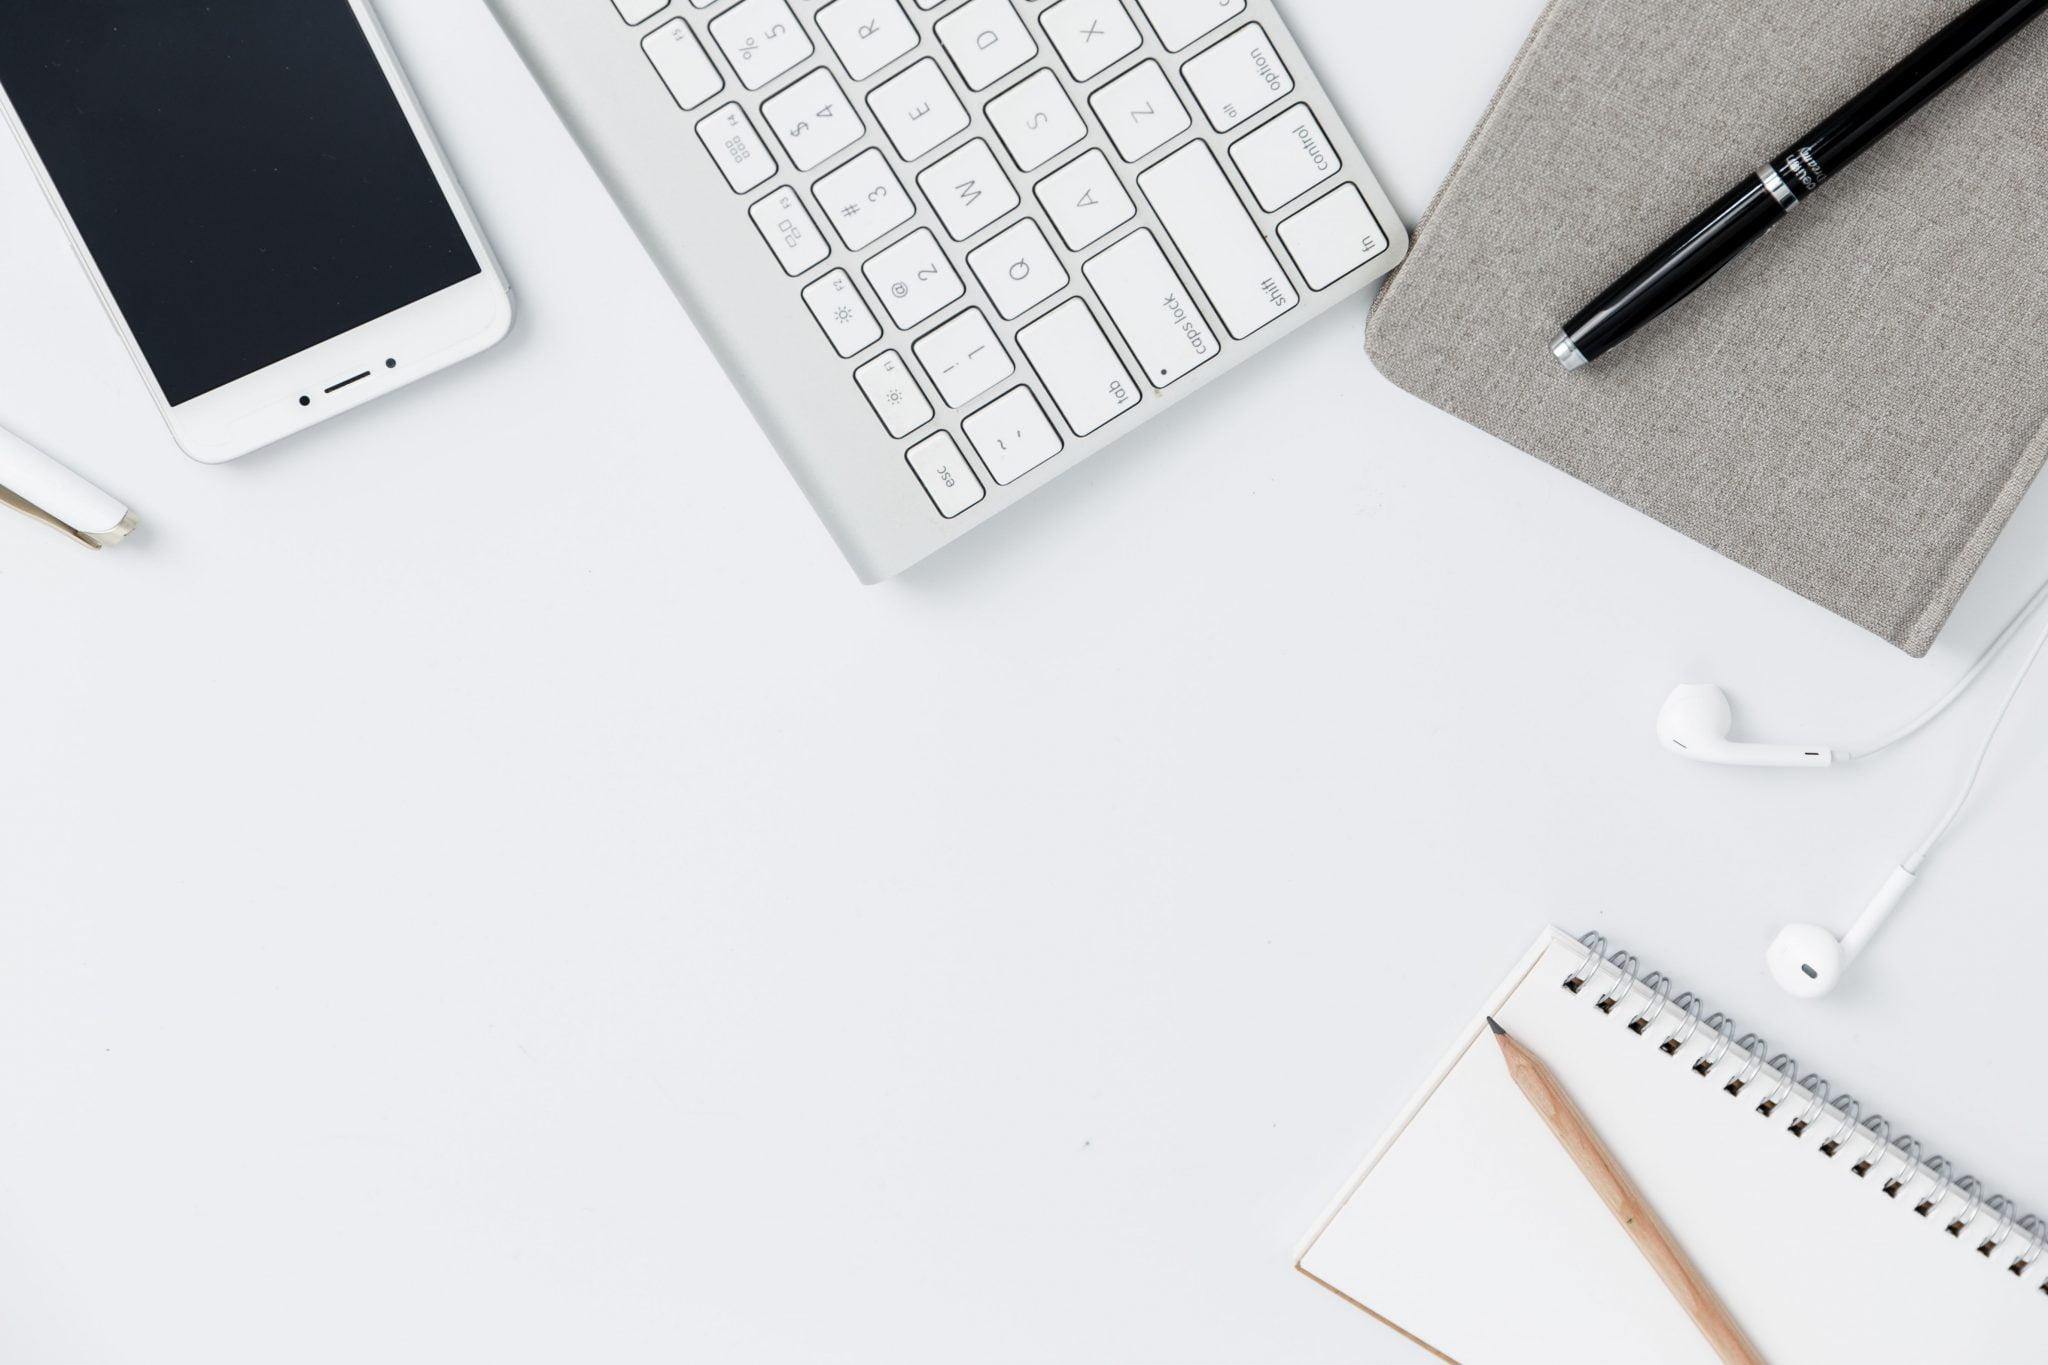 Стратоплан: Школа менеджеров - системное освоение профессии менеджера